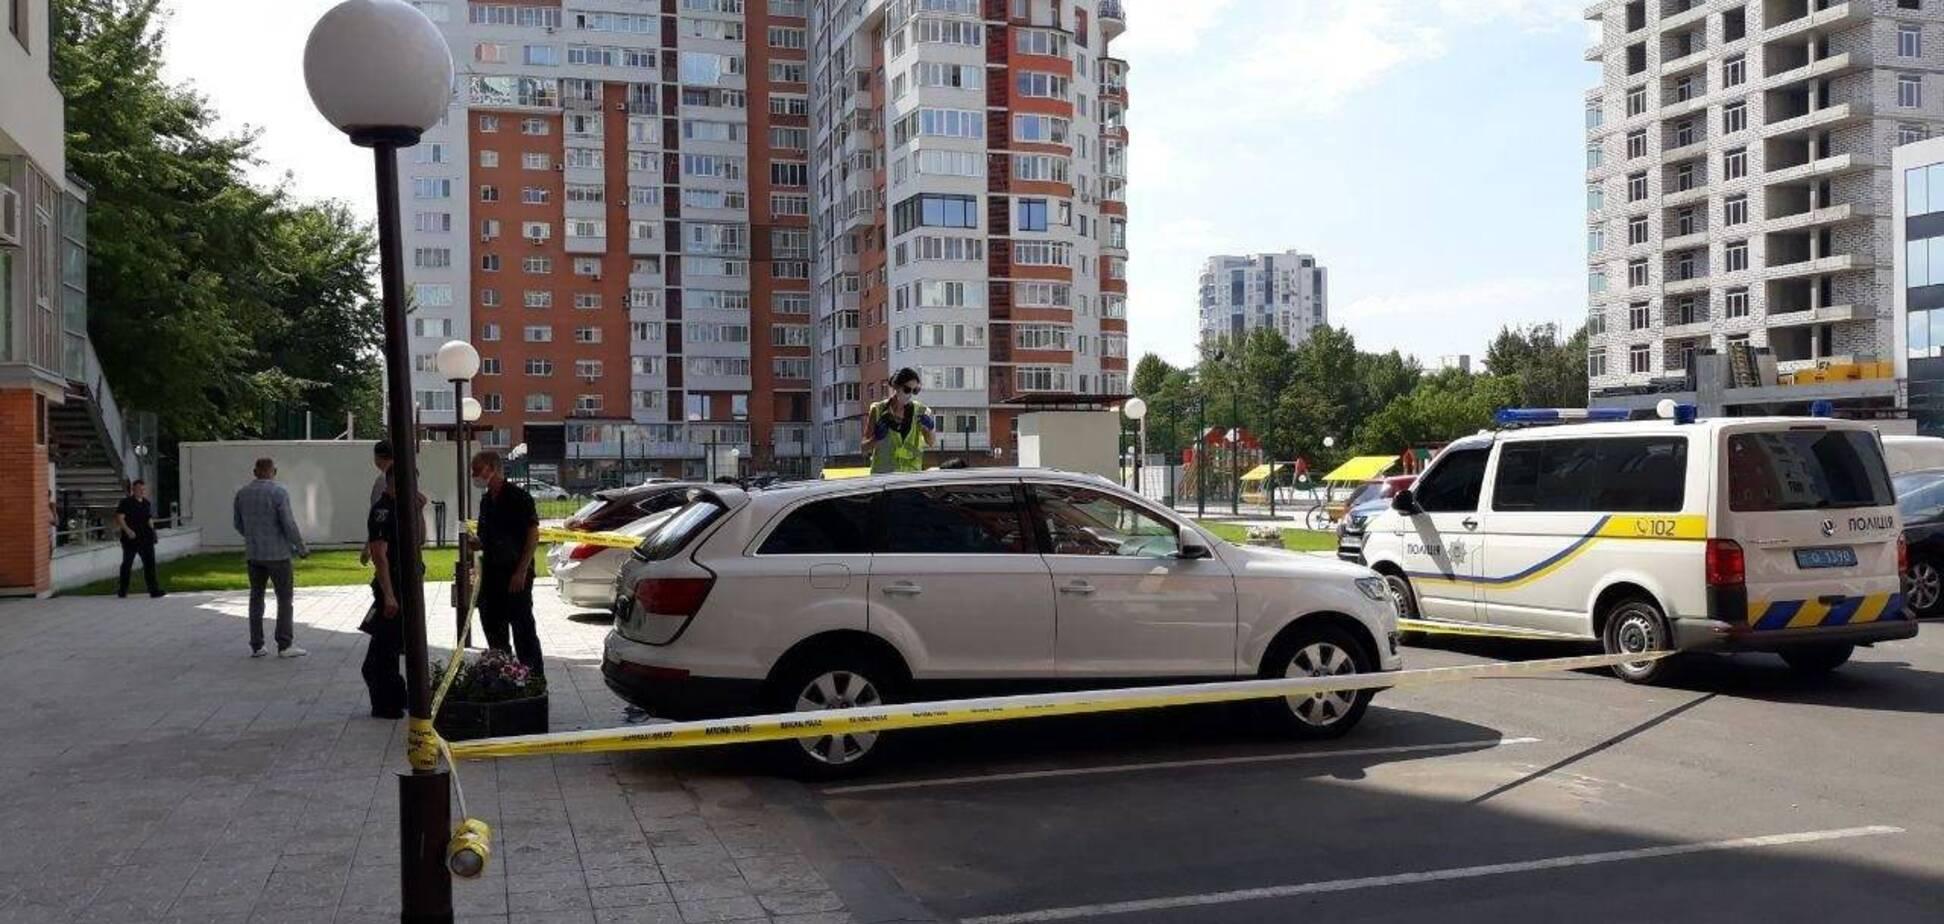 У Харкові чоловік з висотного будинку впав на дах автомобіля. Фото та відео 18+